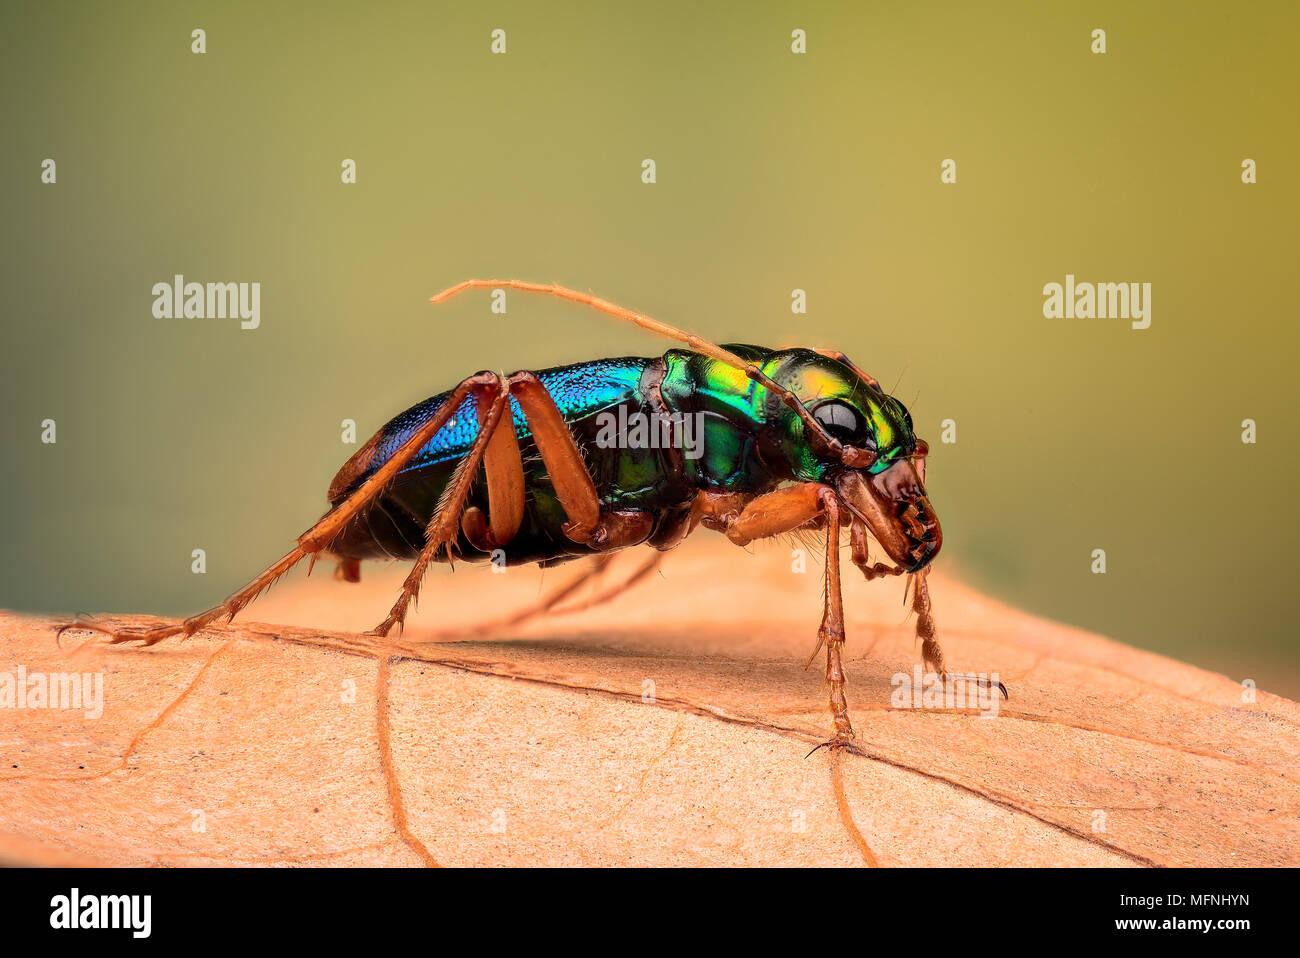 Tiger beetle - Ciccindelidae - Stock Image